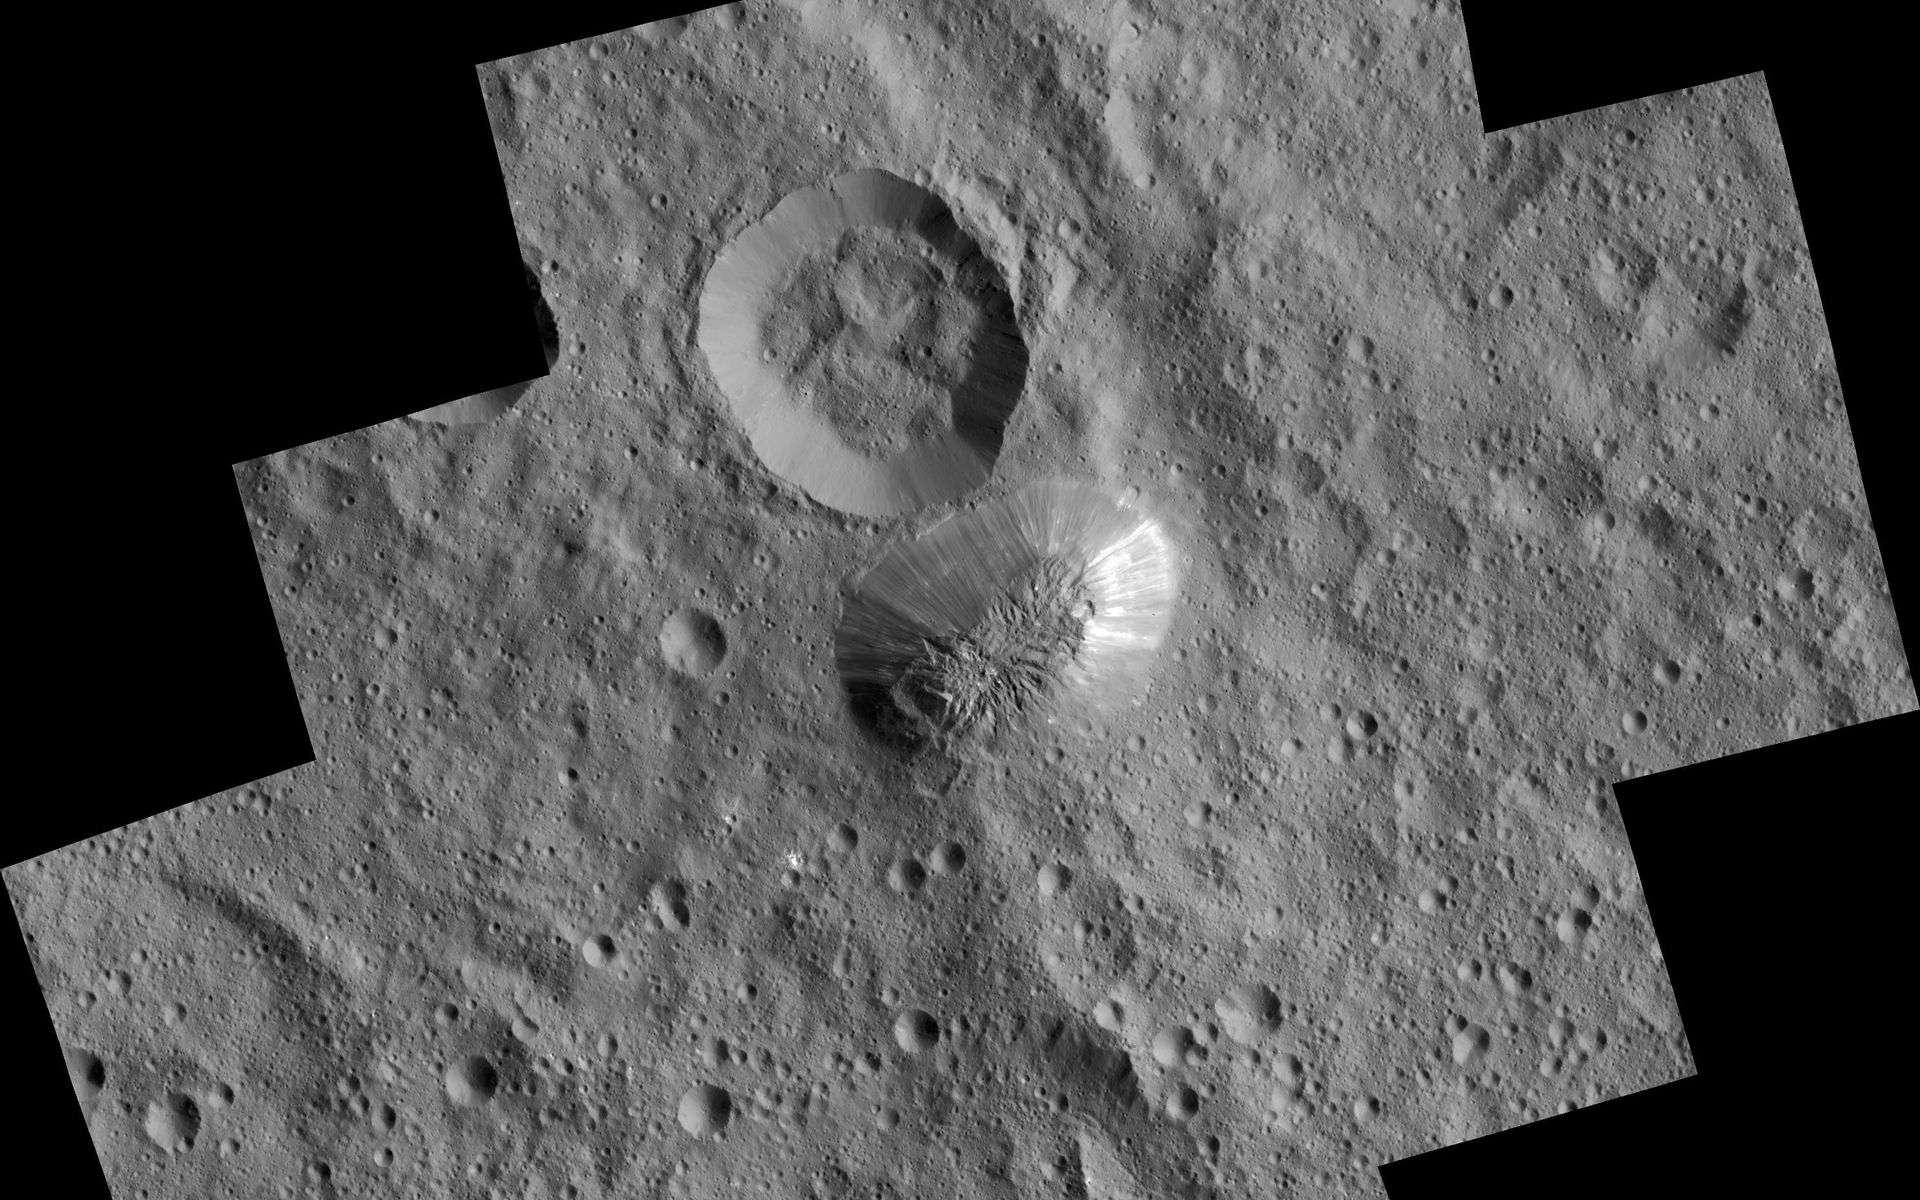 L'énigmatique mont Ahuna photographié à 385 km d'altitude par la sonde Dawn. La résolution est de 35 m par pixel. À sa base, le dôme s'étend sur 20 km. Certaines de ses pentes sont très raides et lisses et montent jusqu'à 5 km au-dessus de la surface de Cérès. © Nasa, JPL-Caltech, UCLA, MPS, DLR, IDA, PSI